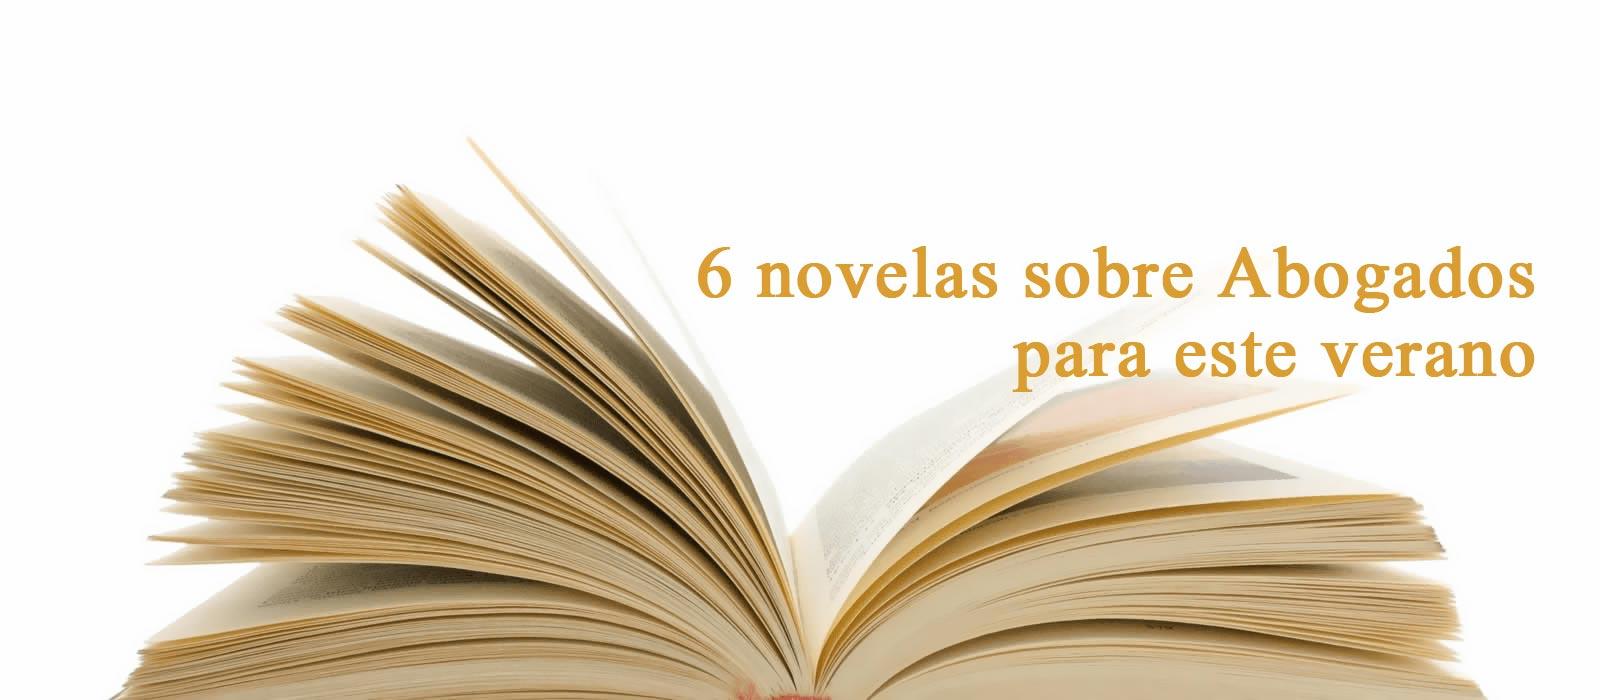 novelas_abogados_derecho_libros_lista_mejores